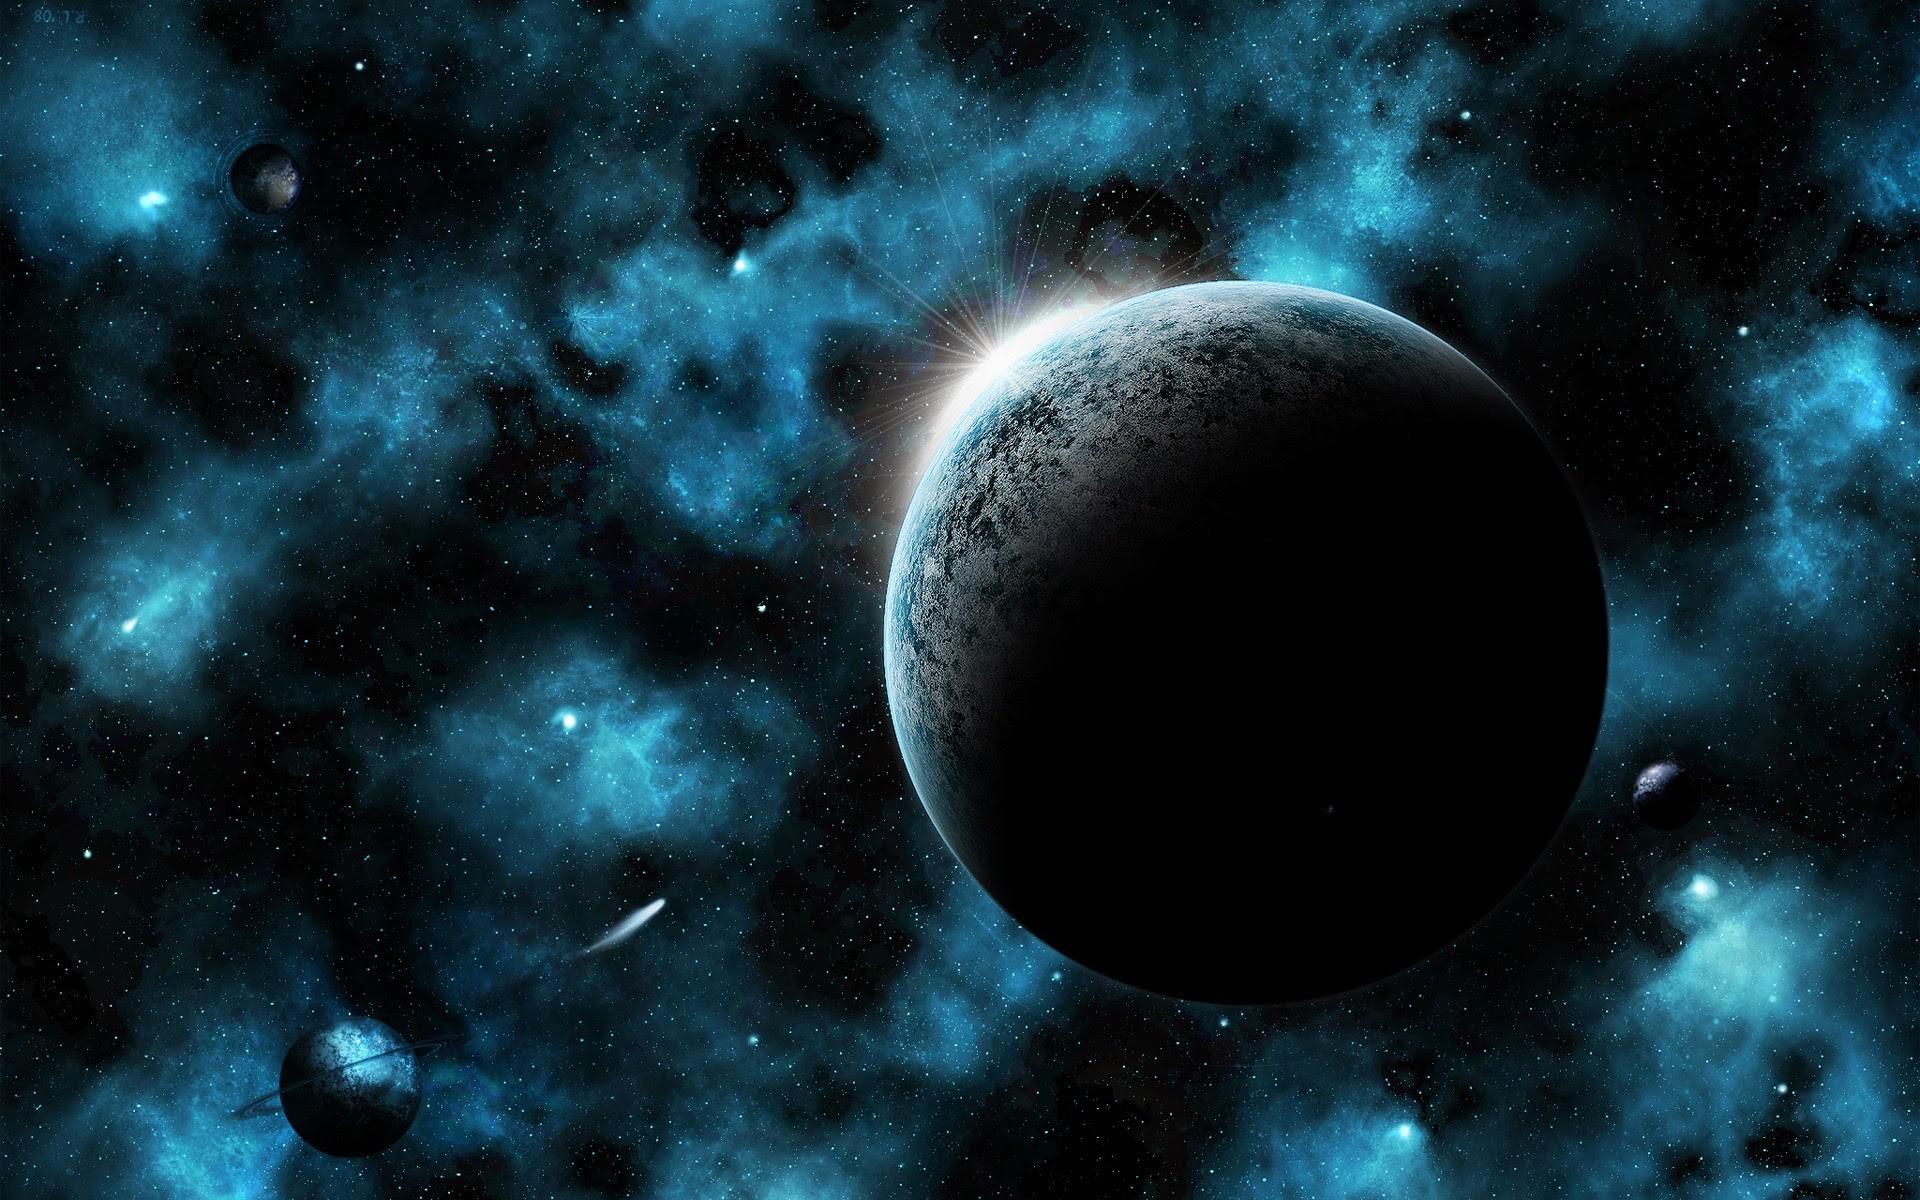 Sfondi fighissimi 77 immagini for Sfondi desktop universo